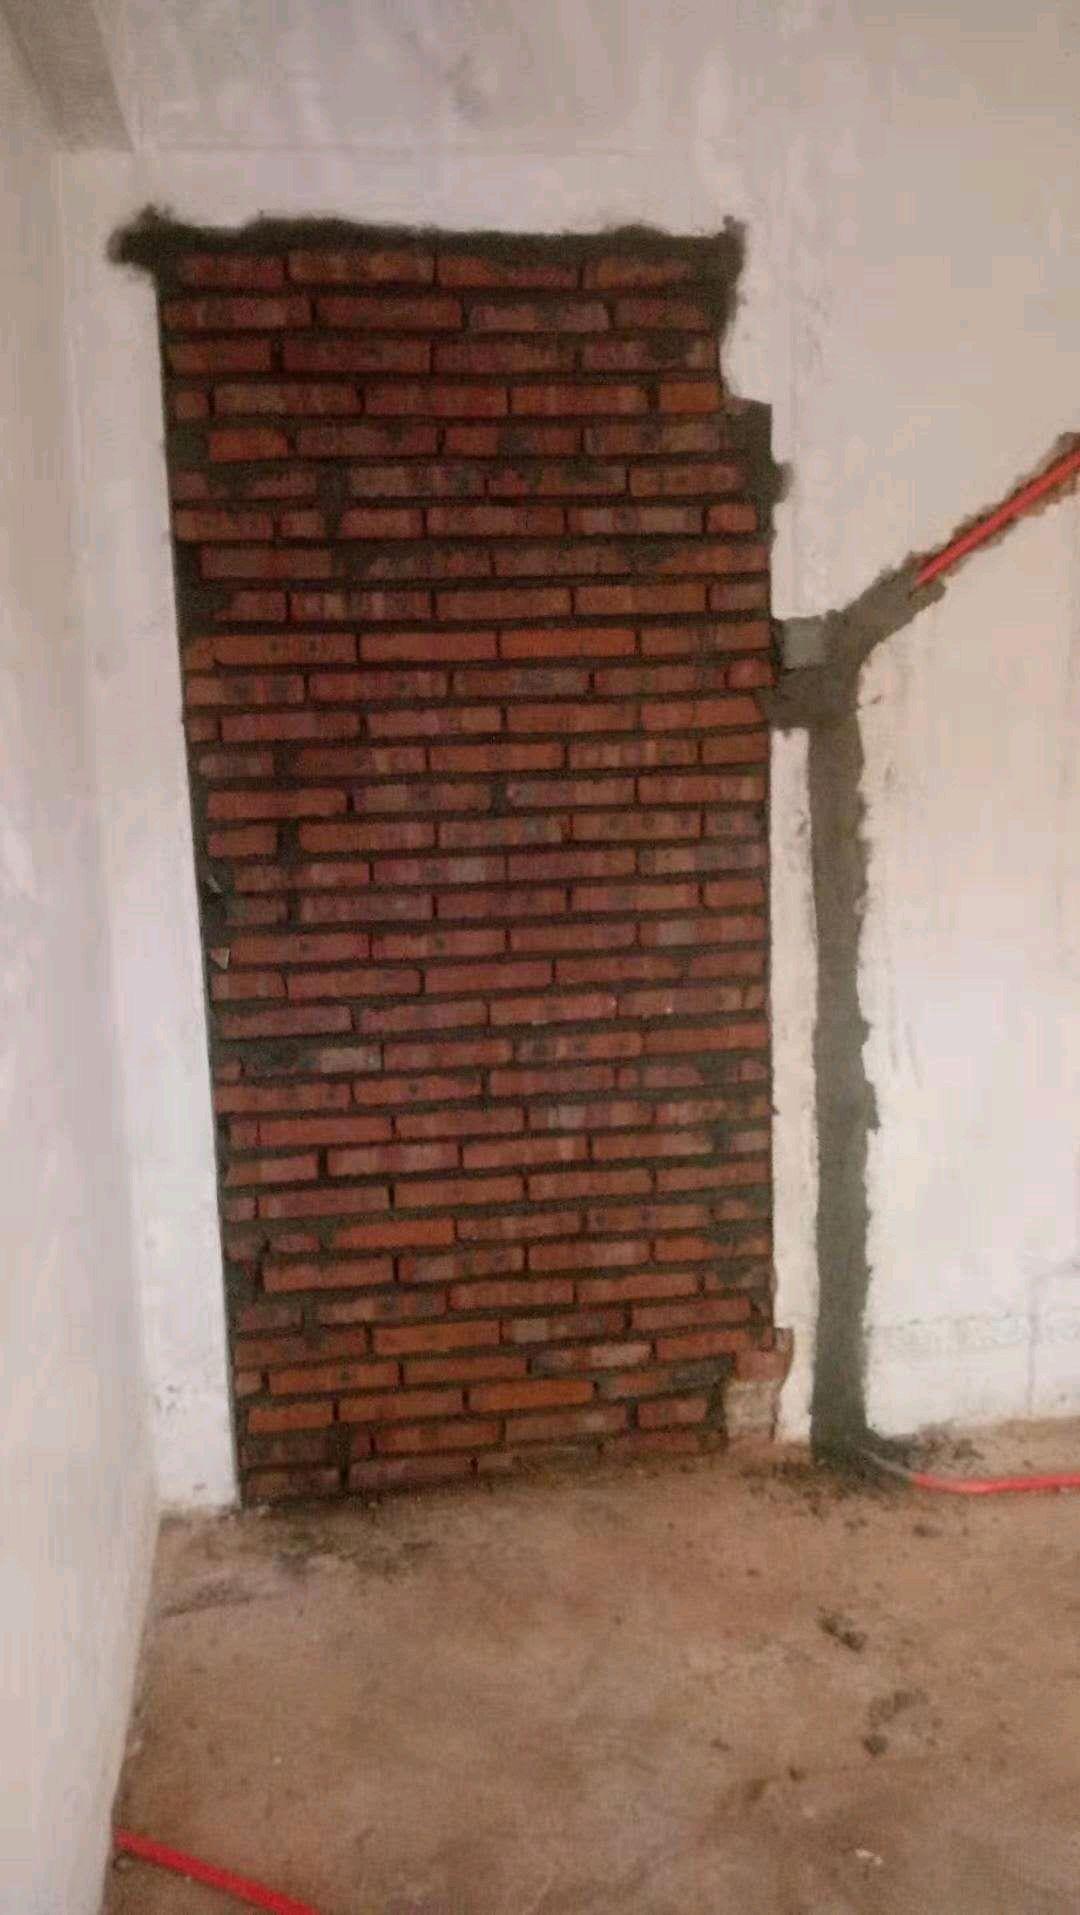 实心砖隔墙自重问题